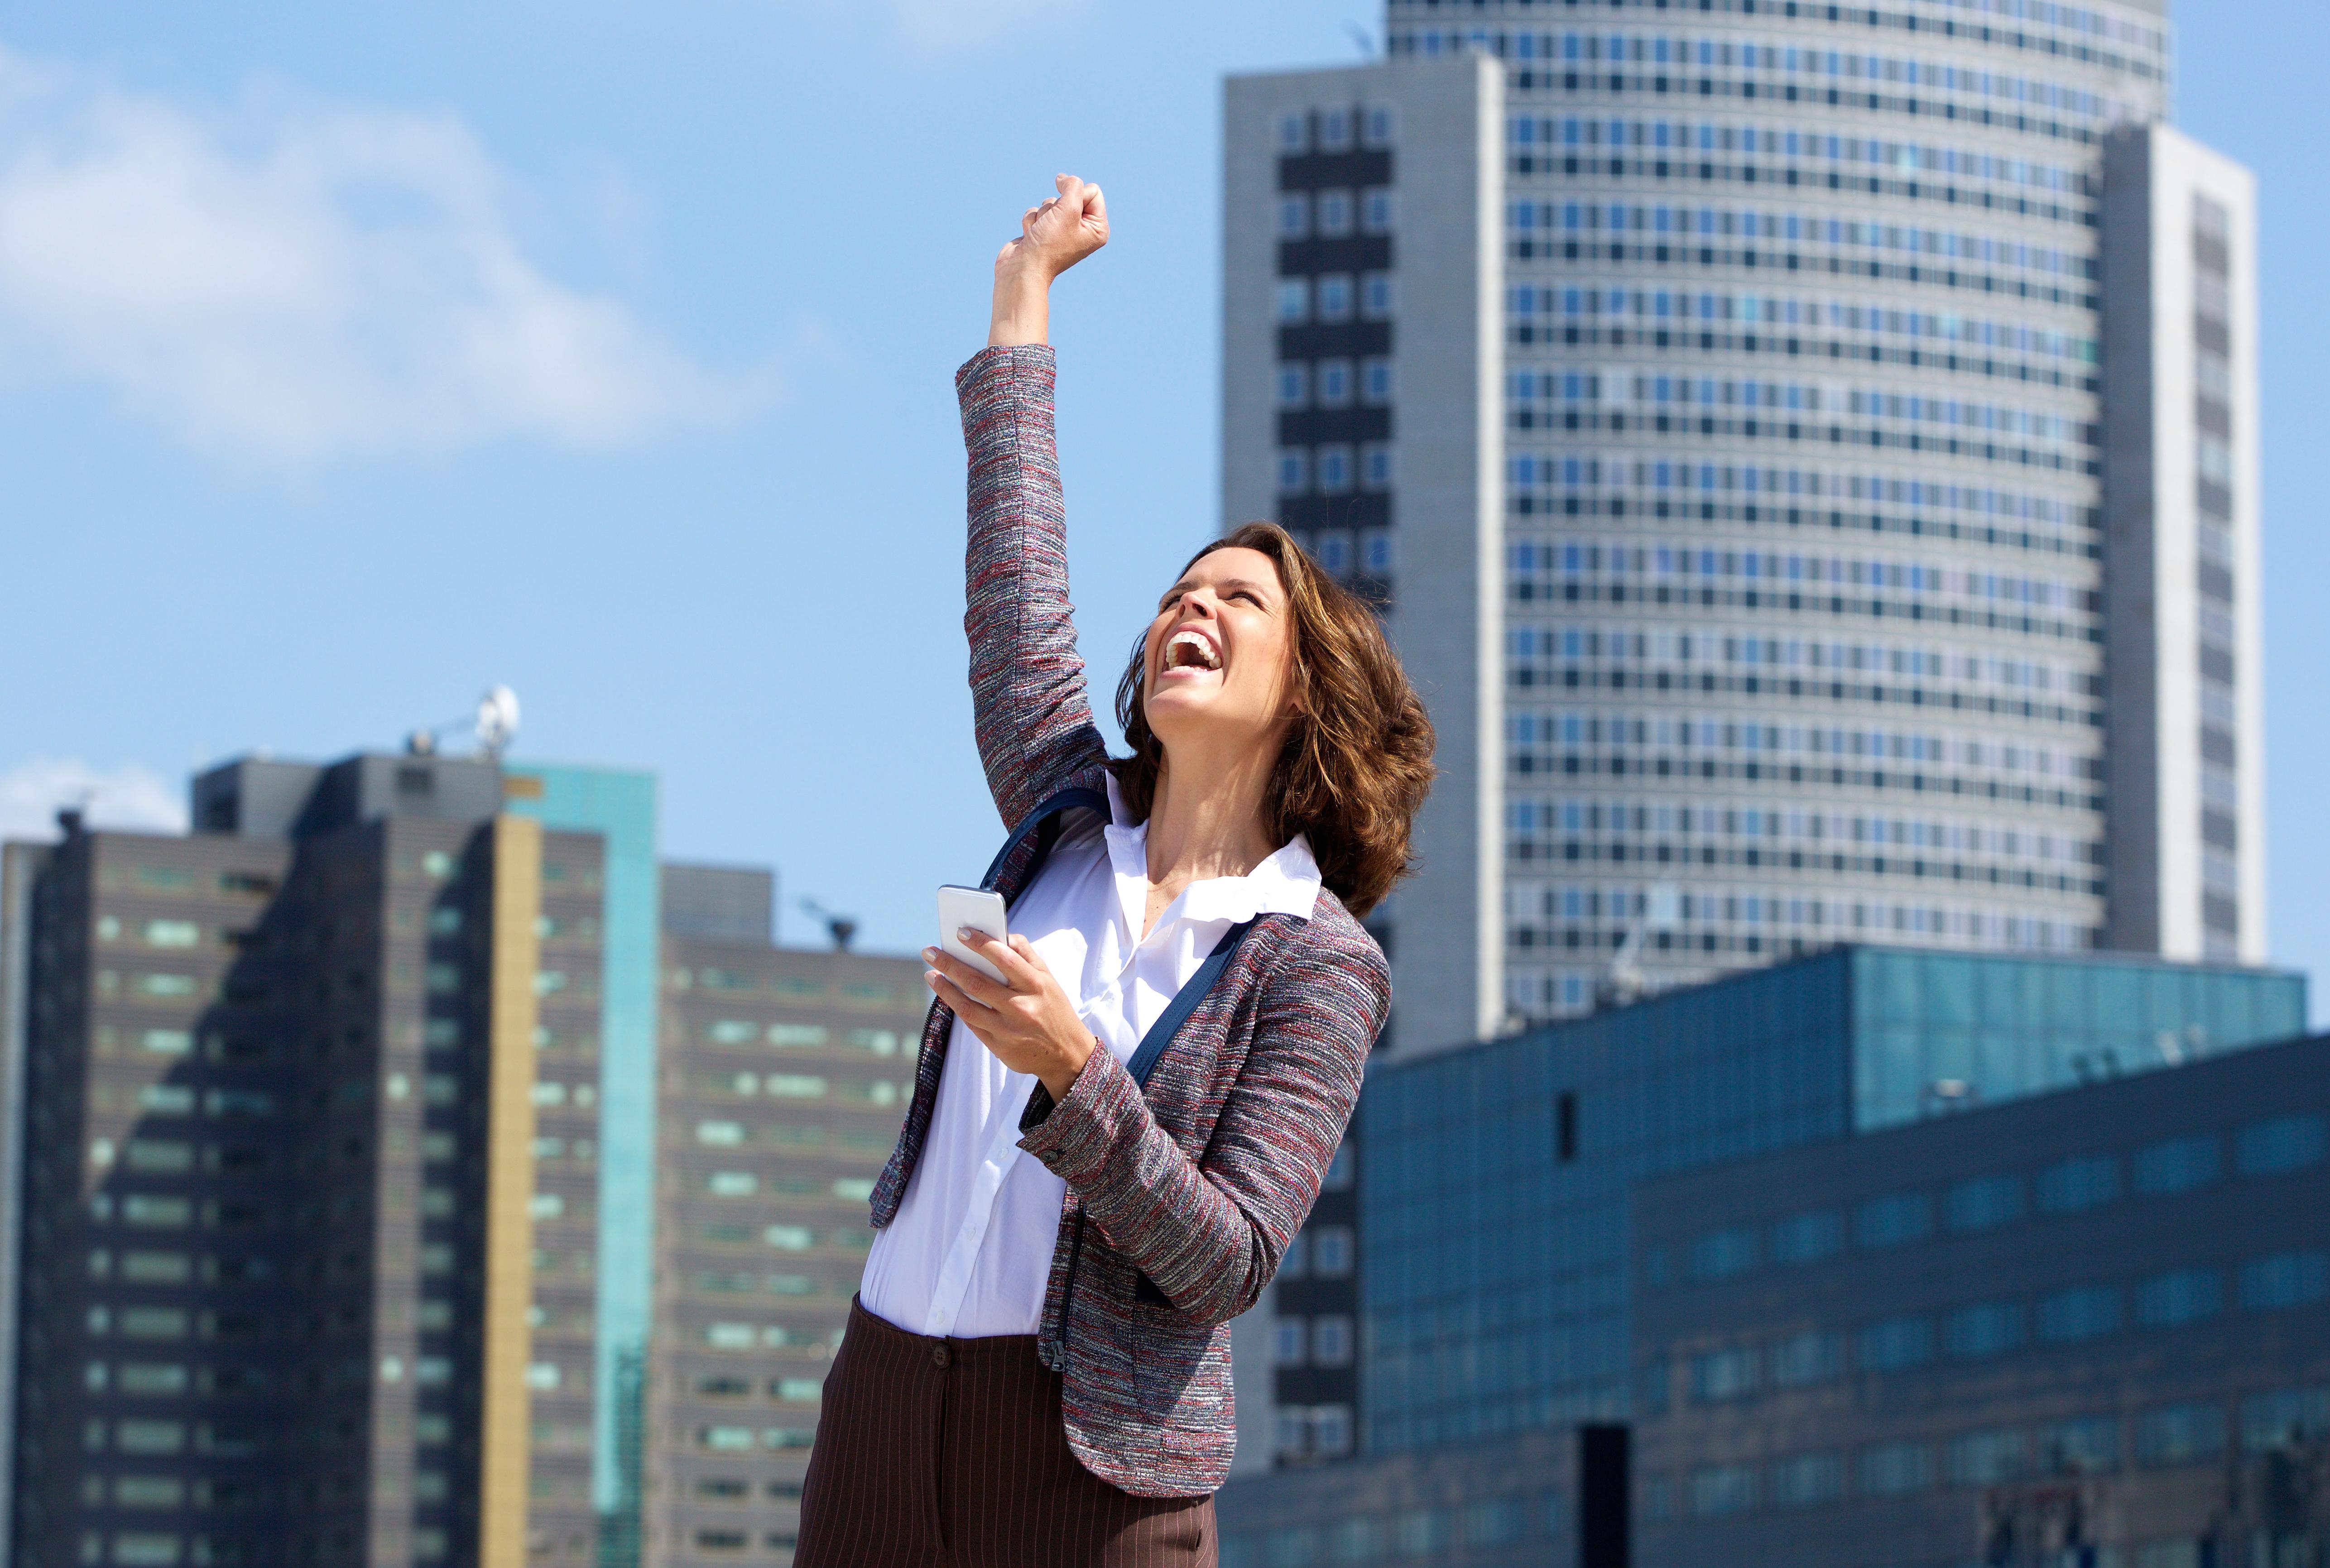 Як досягти мети: 4 кроки, які допоможуть в житті